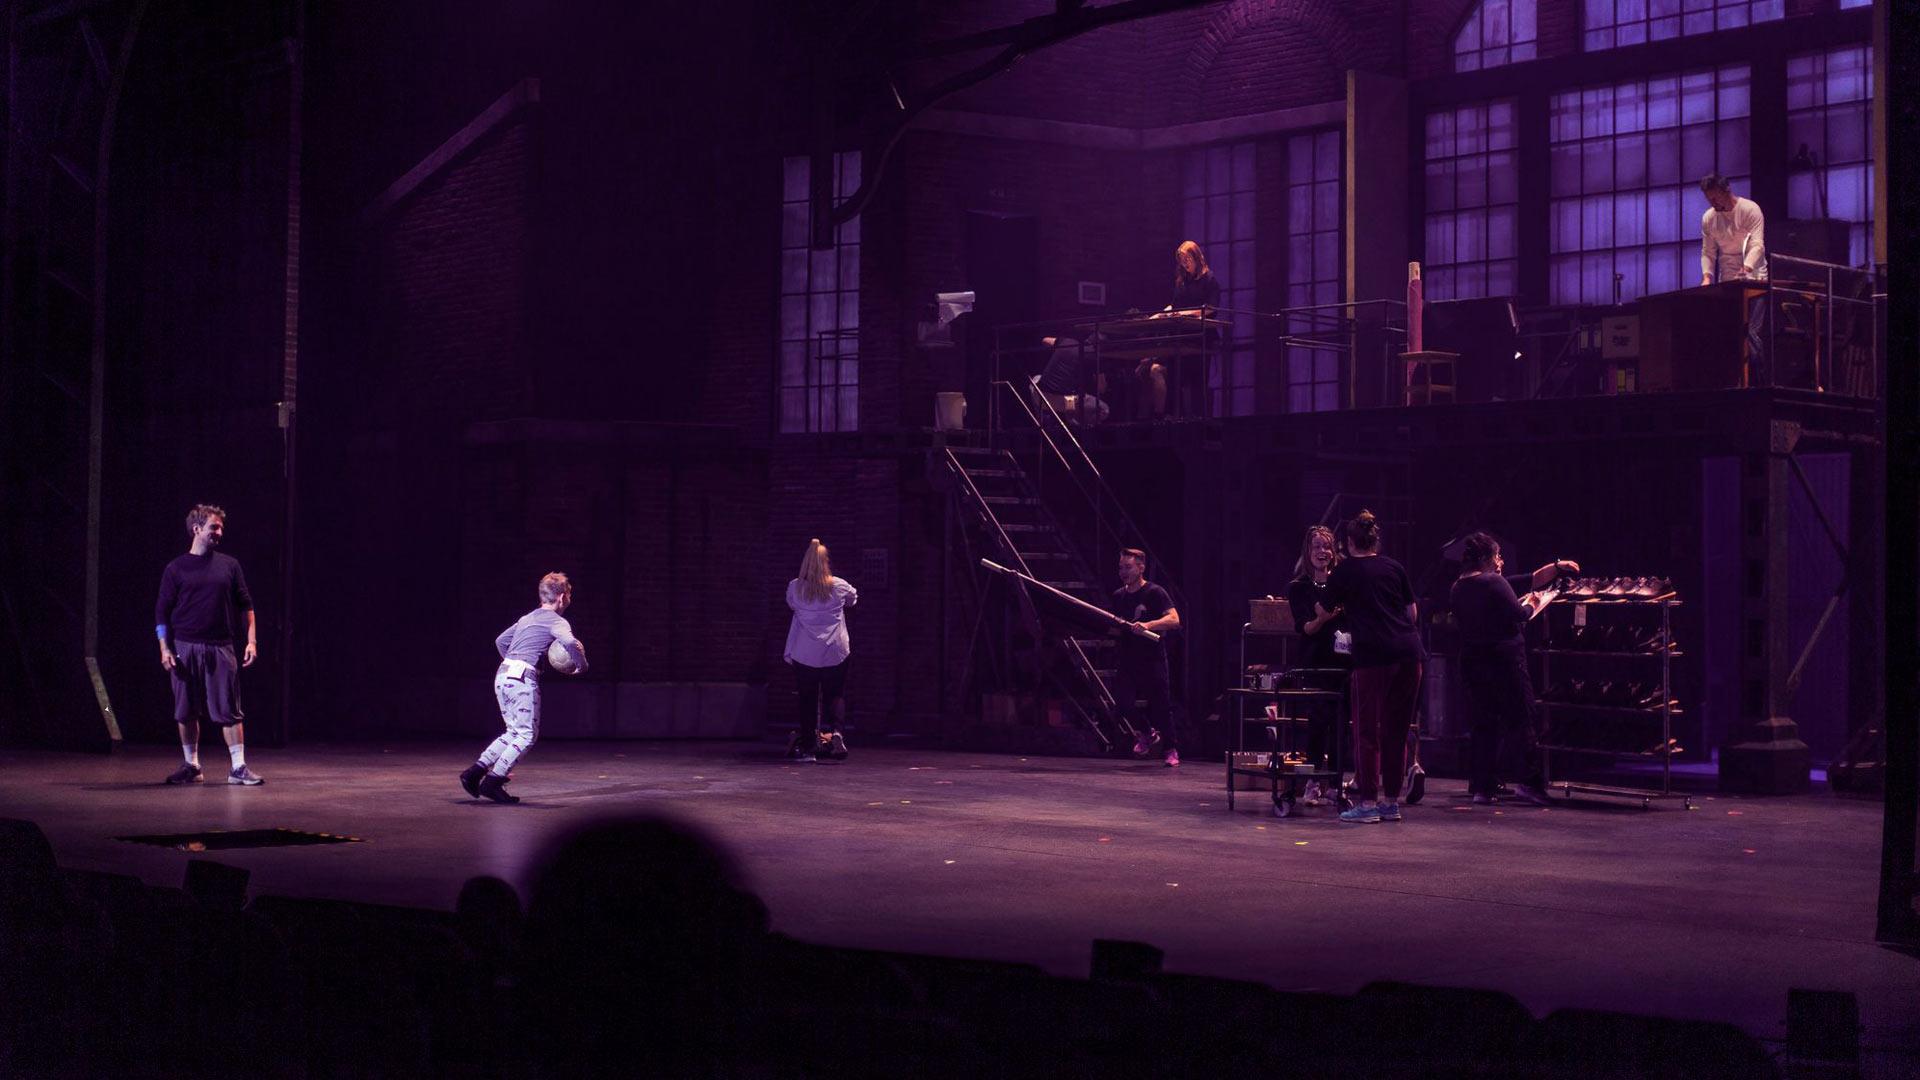 Kinky Bootsissa on mukana myös lapsinäyttelijöitä. Haastattelupäivänä harjoitukset alkoivat onnittelulaululla, sillä heistä yhdellä oli syntymäpäivä.